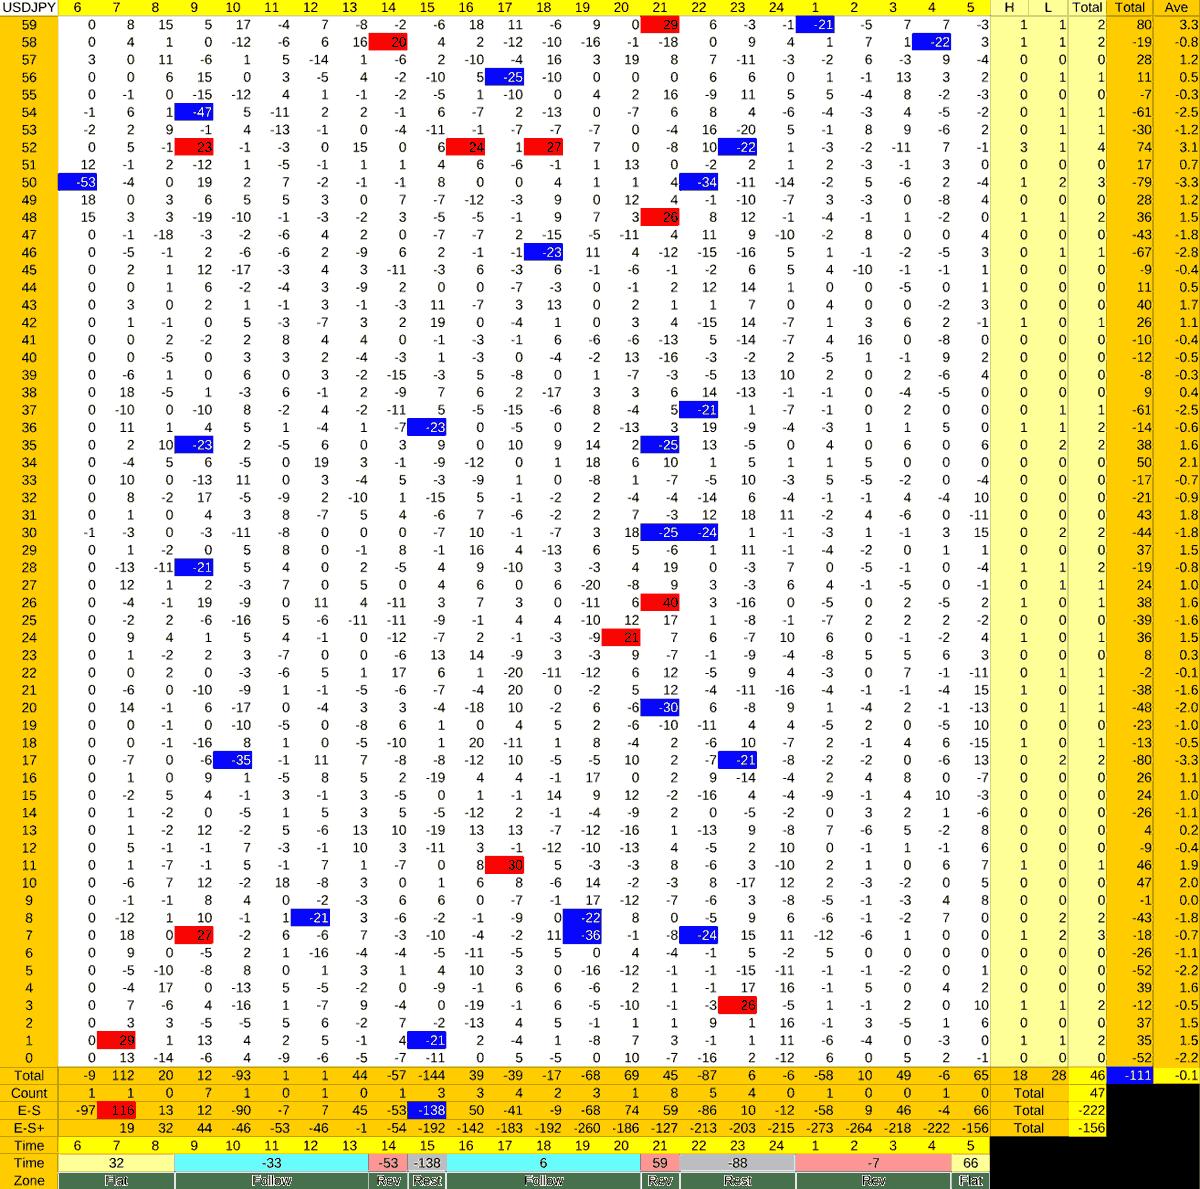 20210517_HS(1)USDJPY